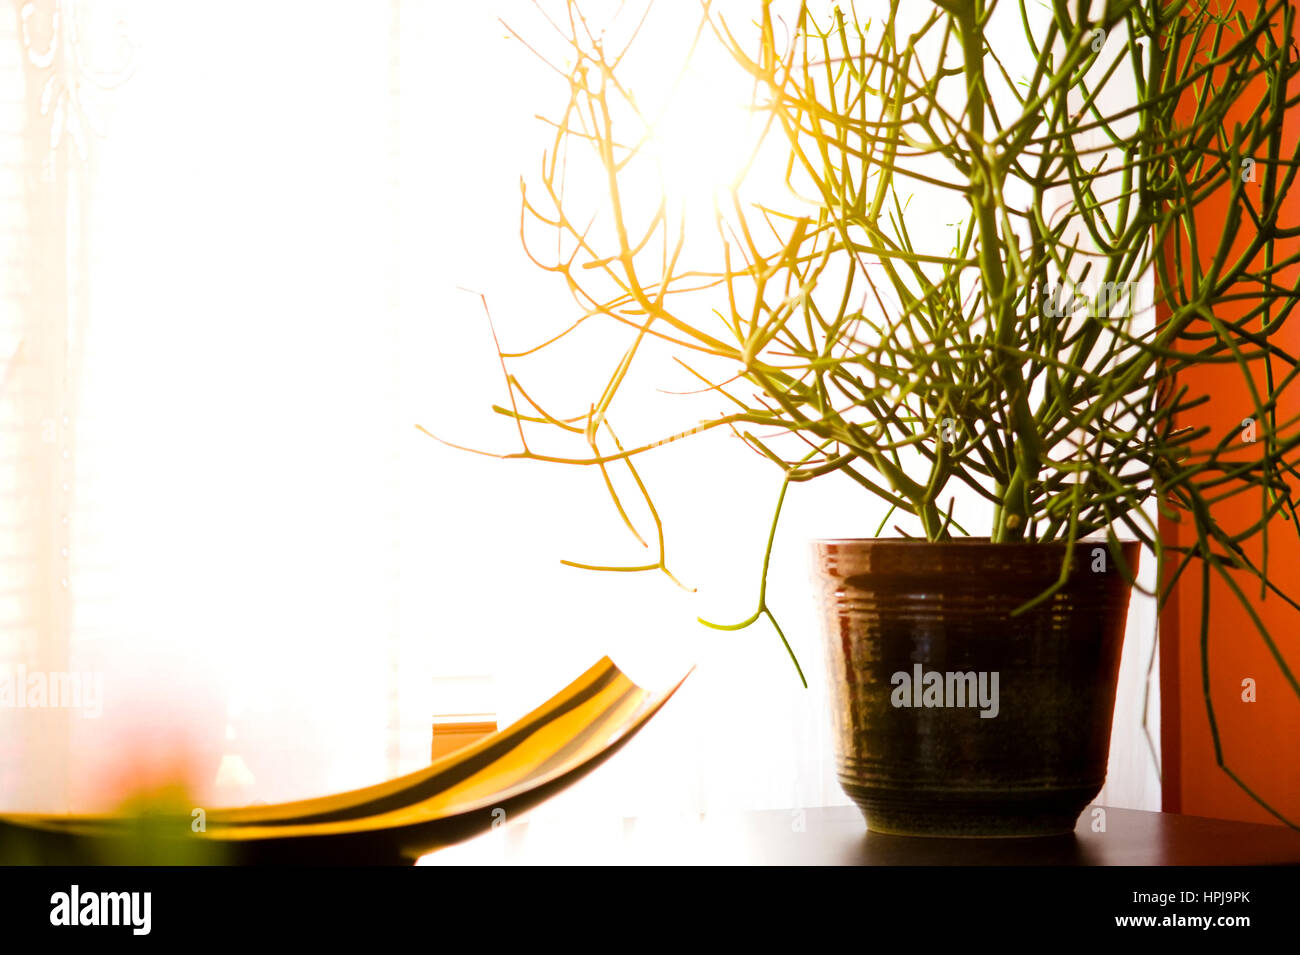 Wohnraumgestaltung, Zimmerpflanze - interior Stock Photo: 134397835 ...